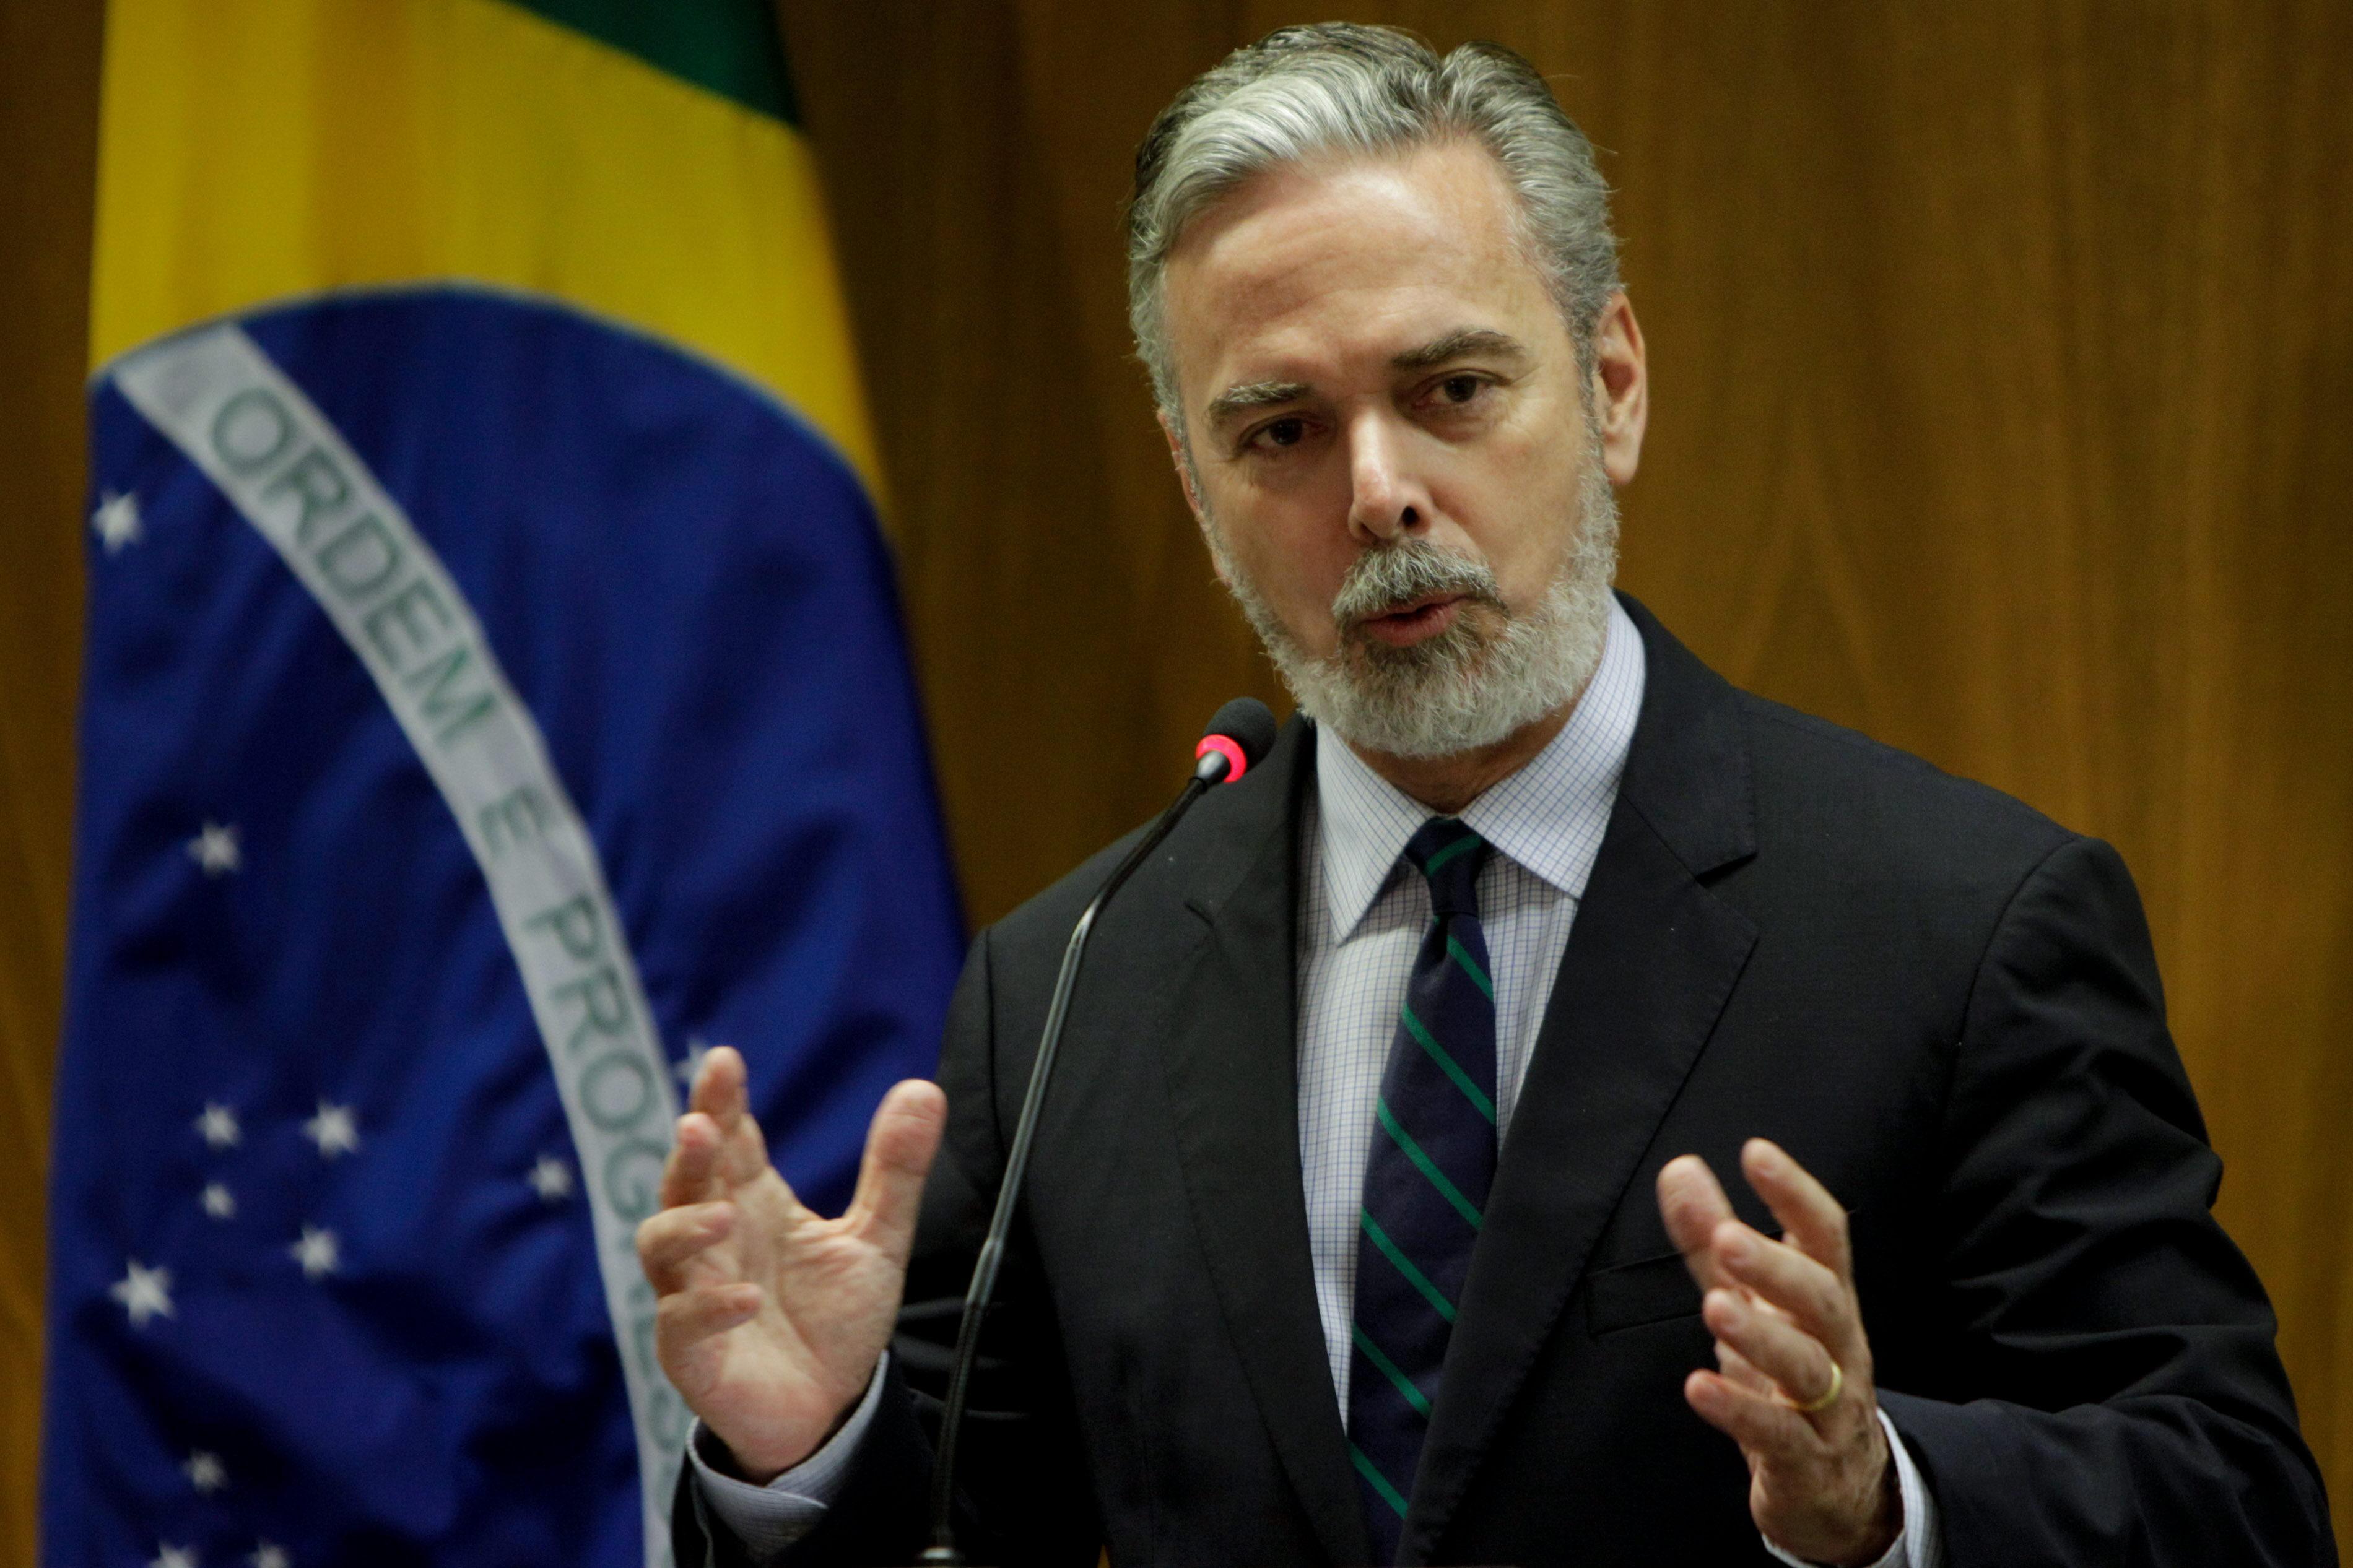 Patriota dice que lo ocurrido con el senador boliviano no debe repetirse